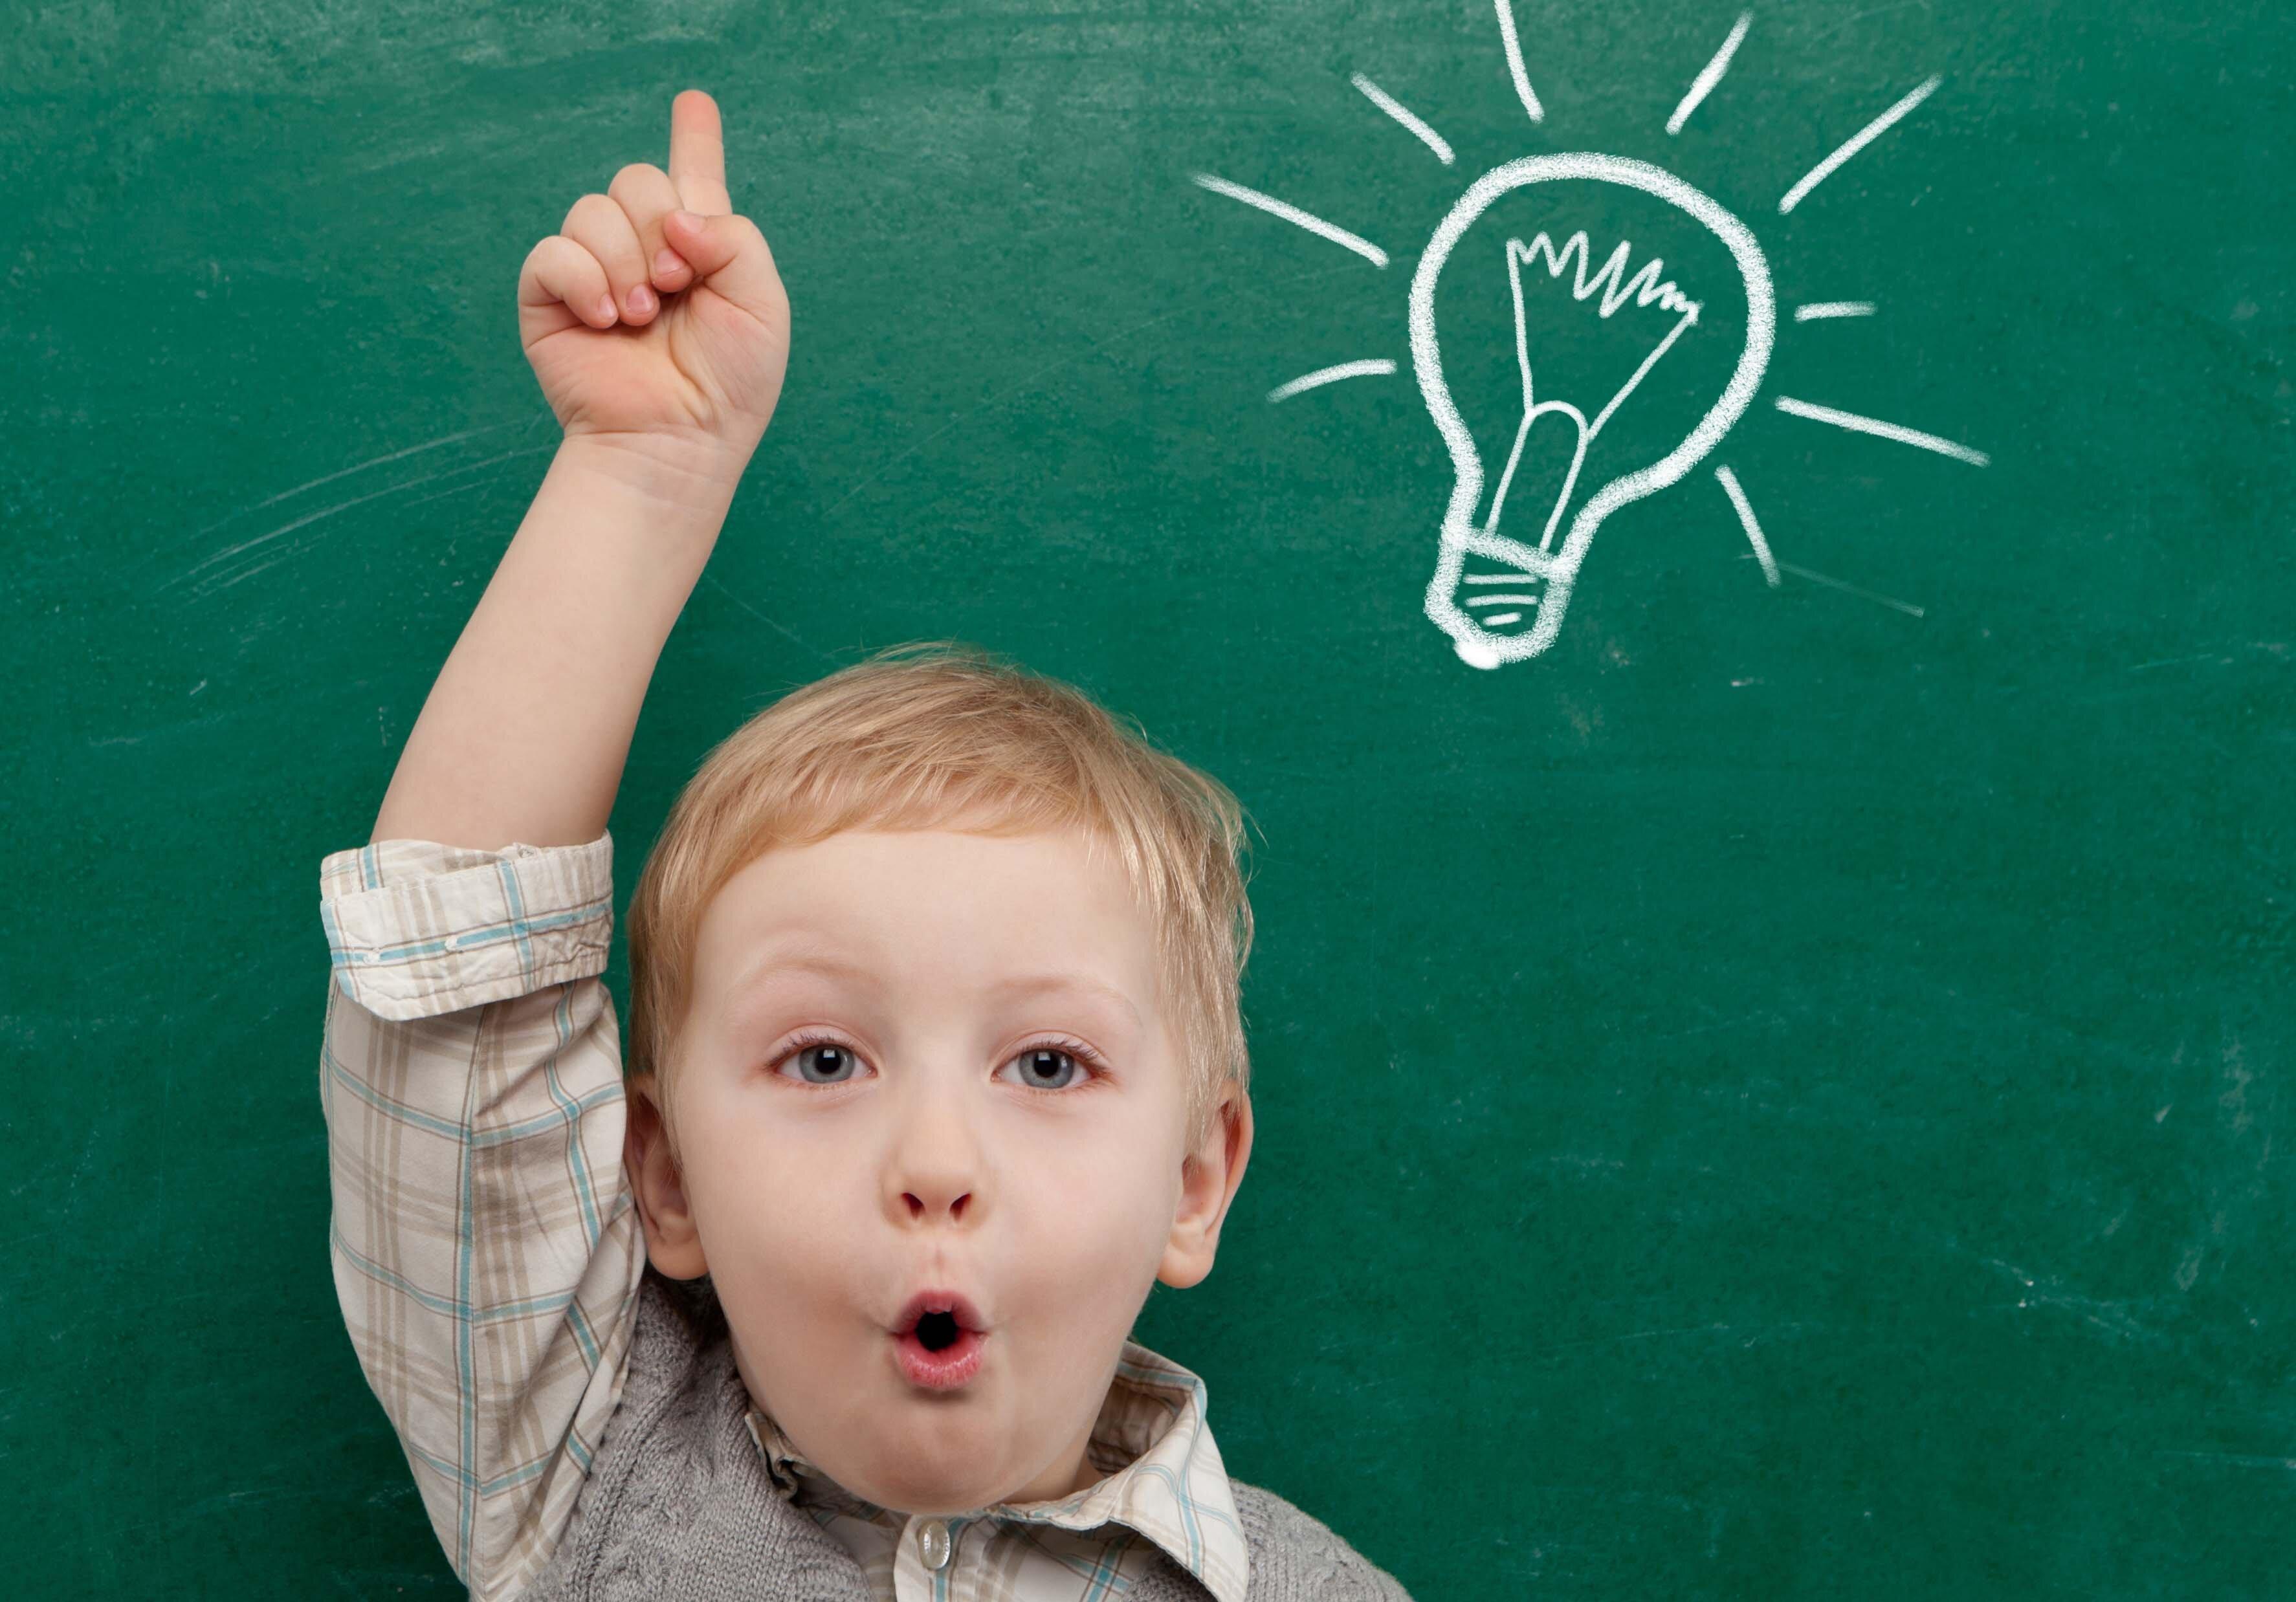 Nuti IQ giúp trẻ phát triển trí não và thông minh vượt trội